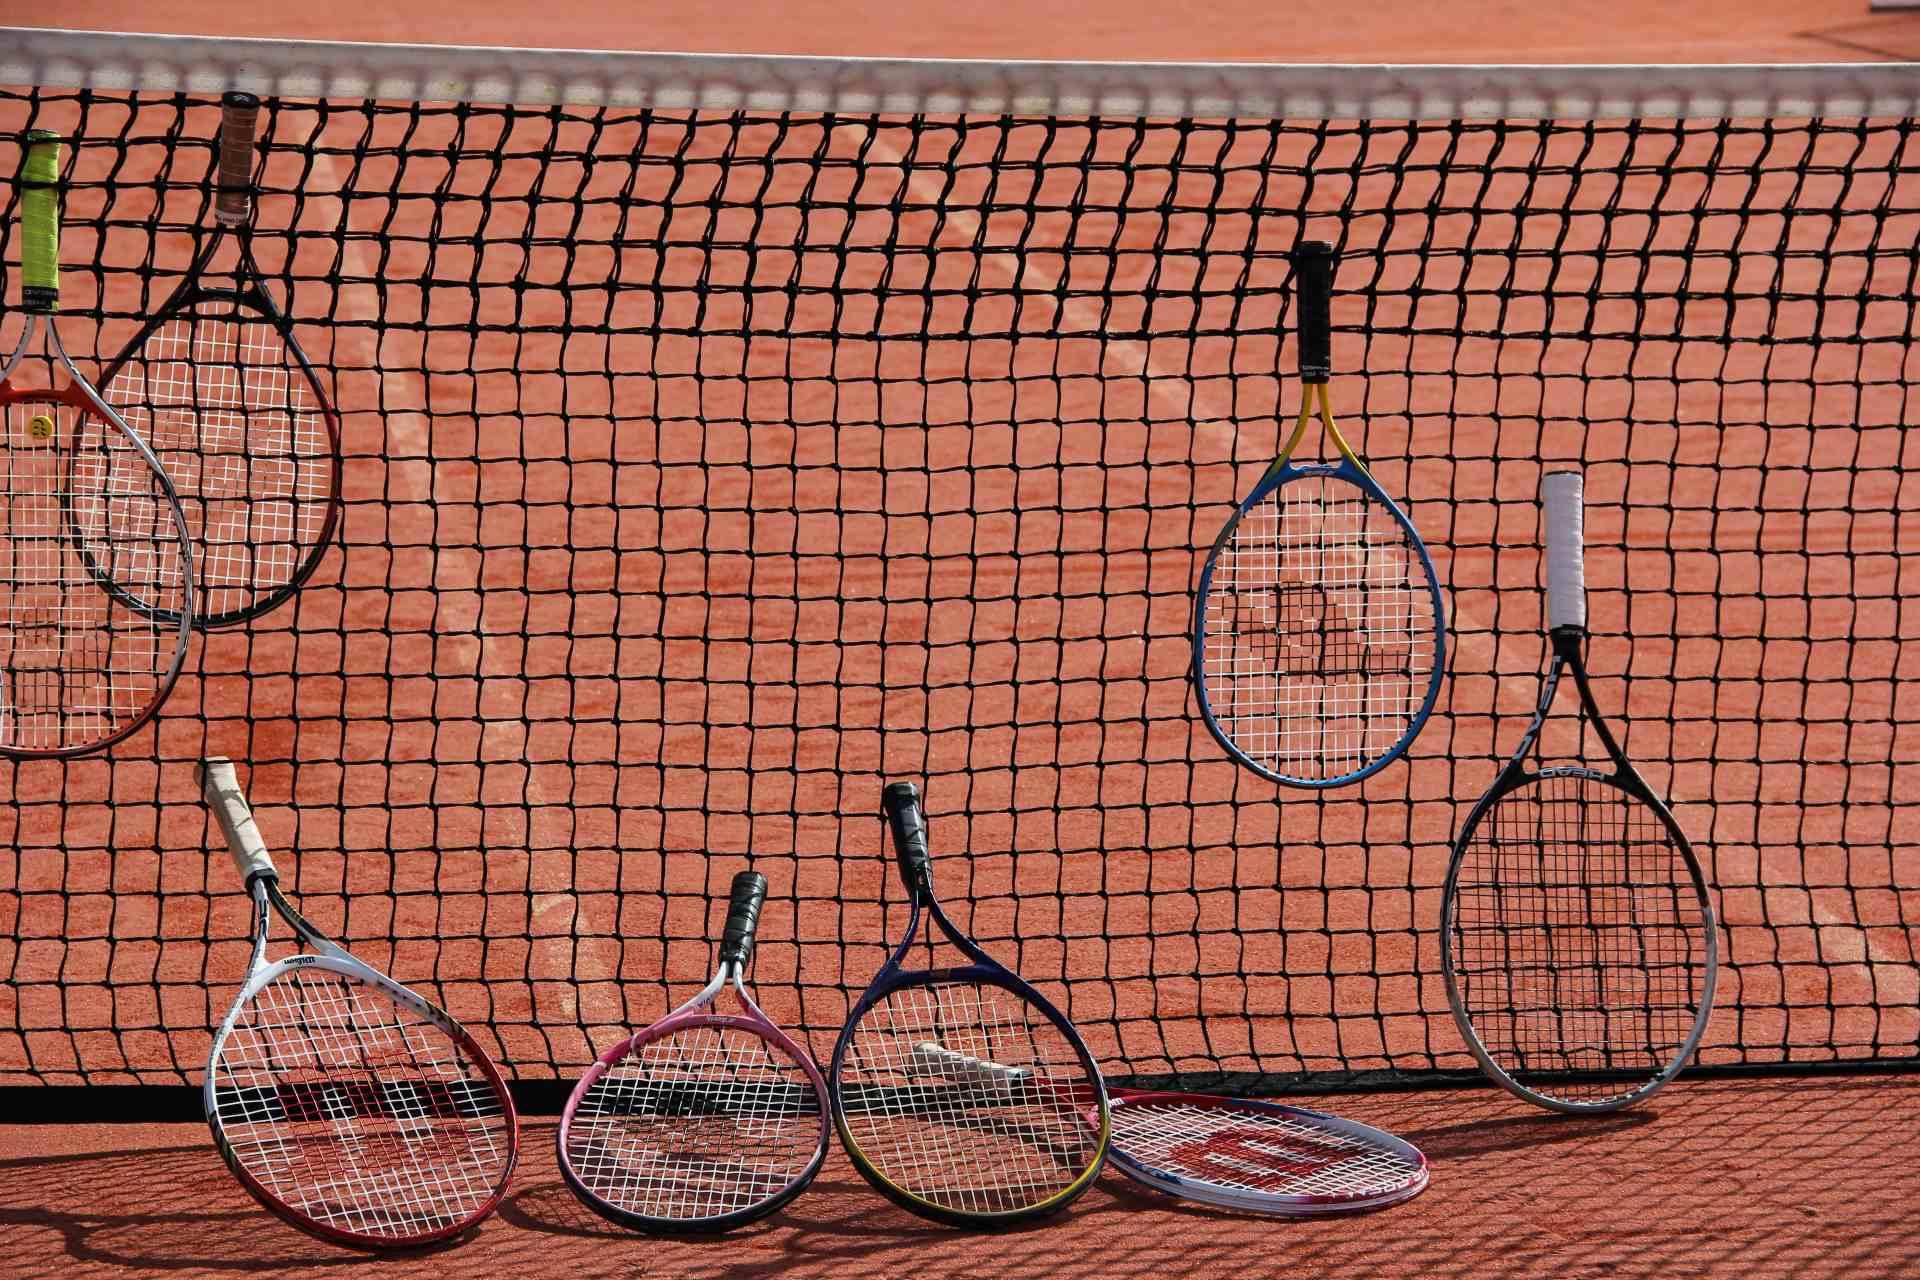 Tennisclub  Stein am Rhein